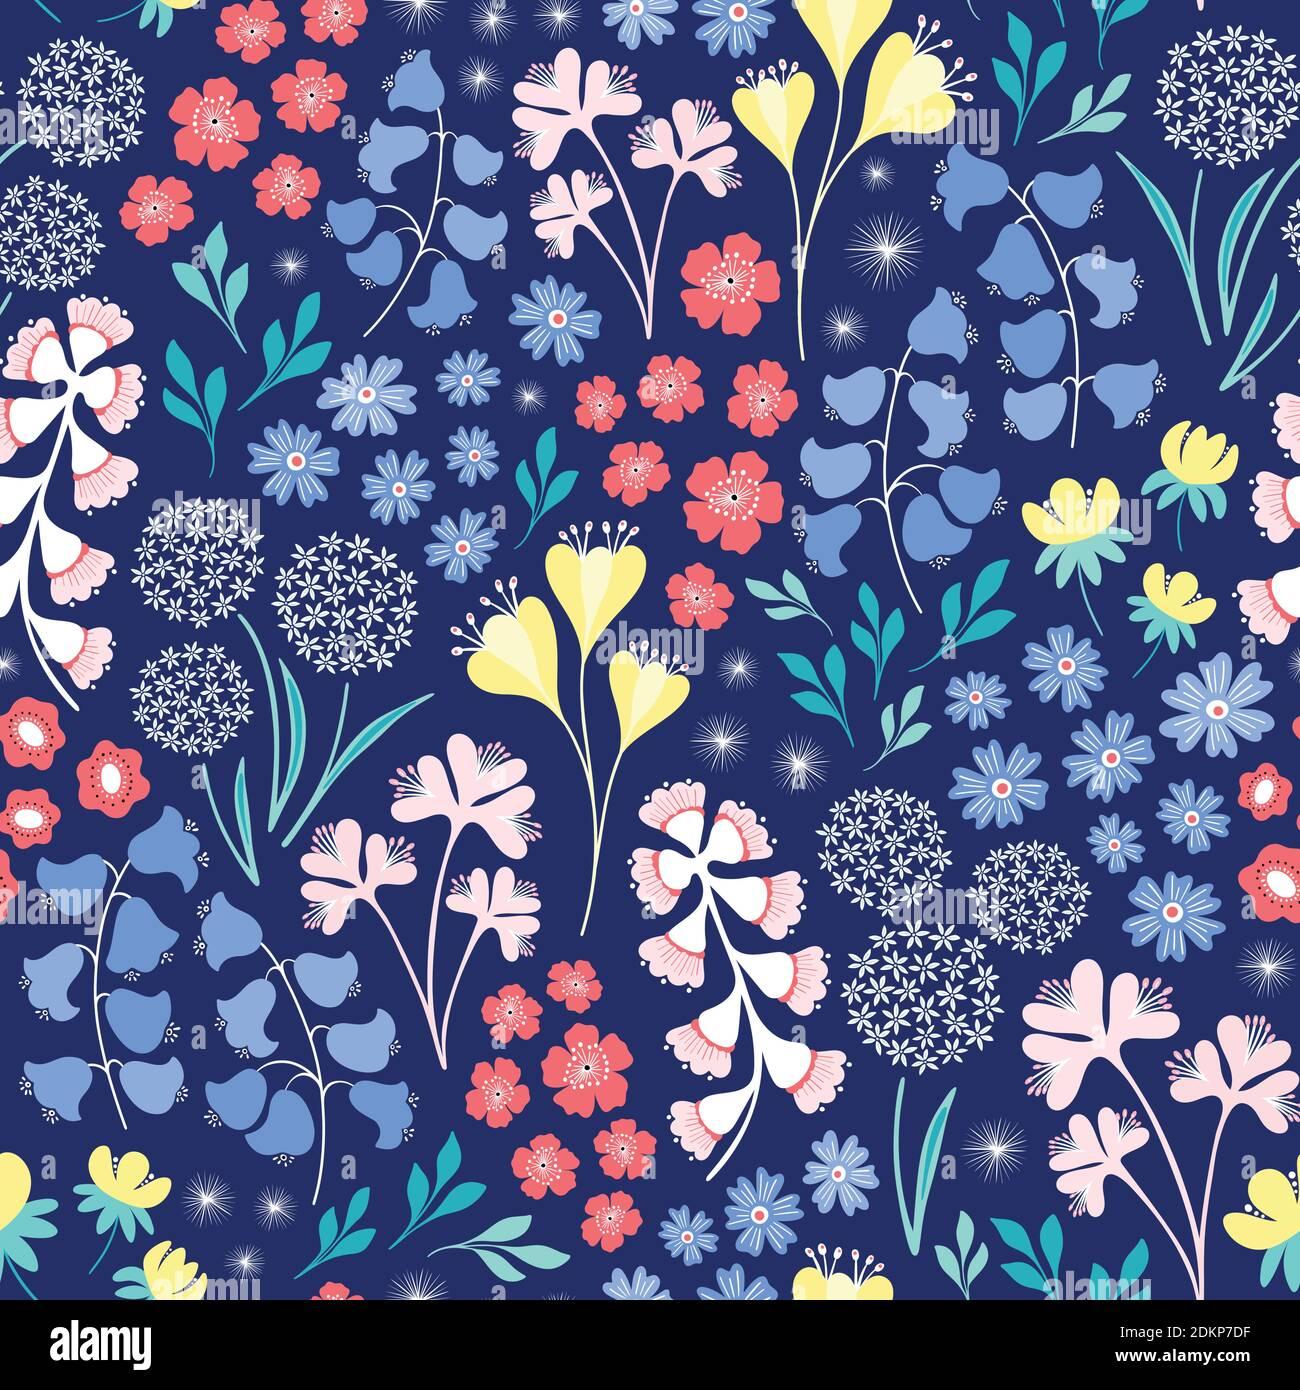 Florales Dessin. Hübsche nahtlose Wiederholung Design von milleur inspiriert Blumen. Vektorgrafik. Stock Vektor